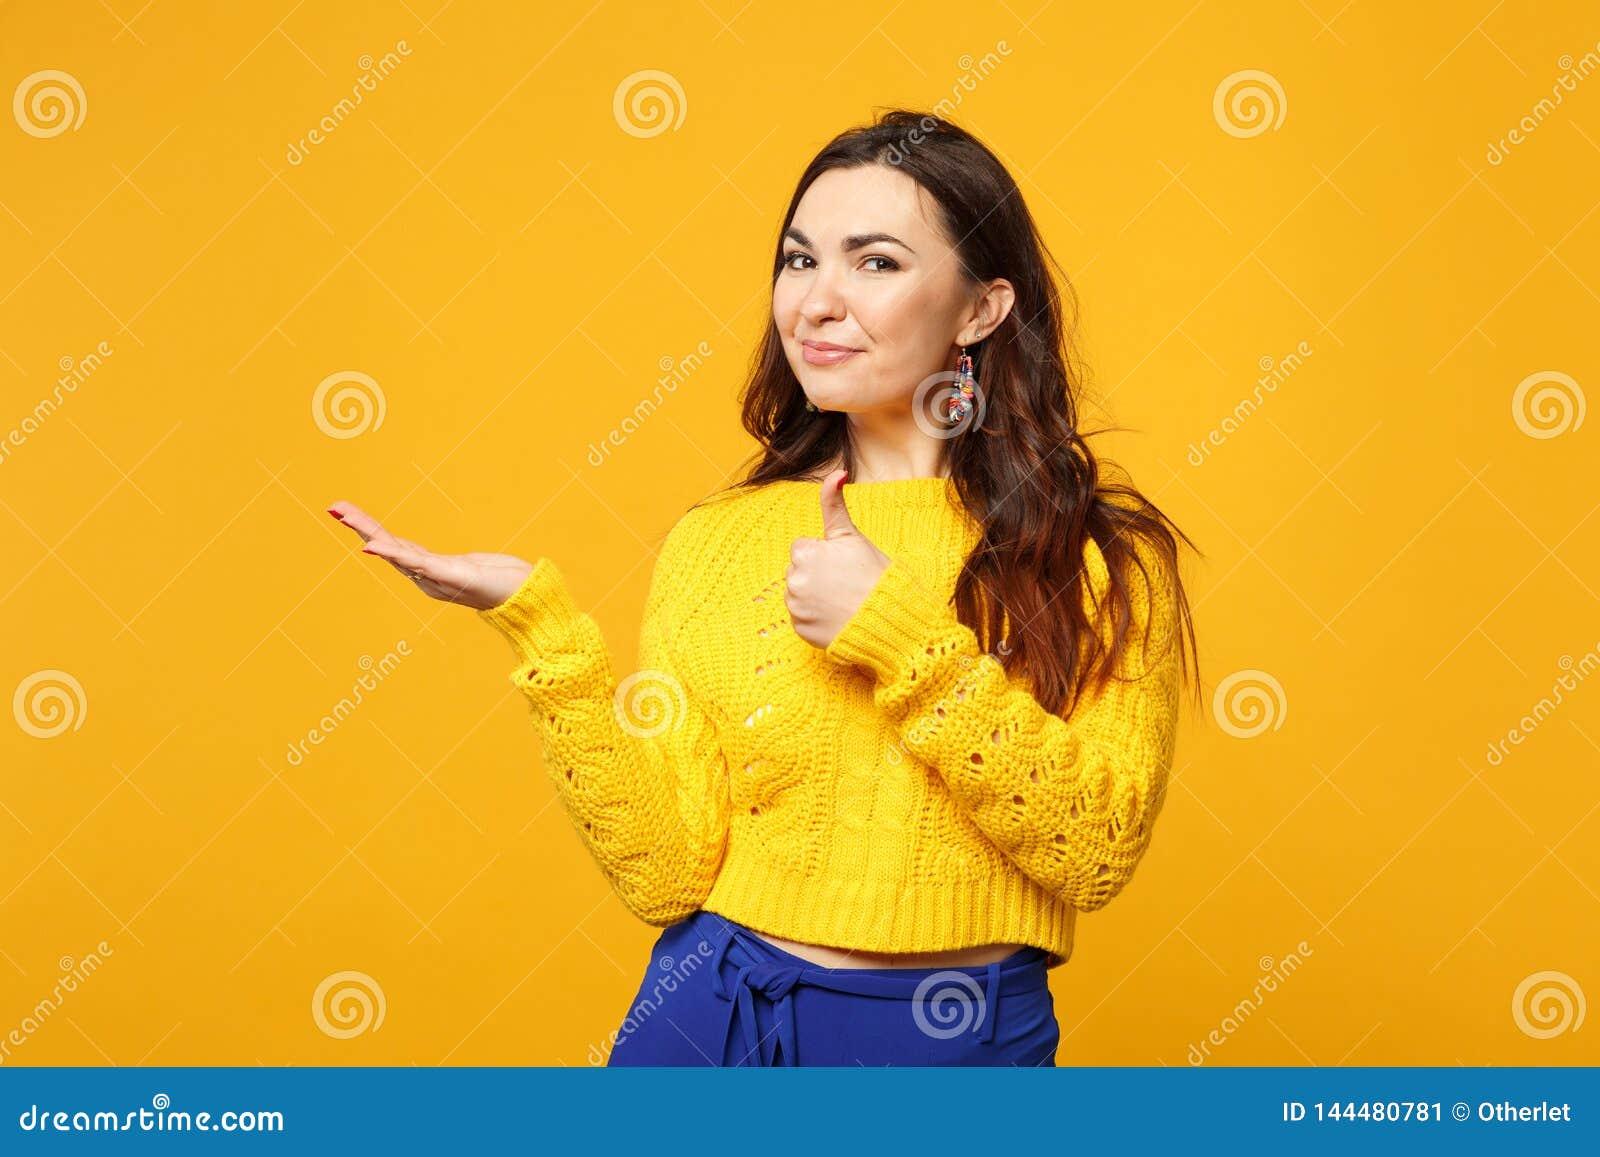 Η χαμογελώντας νέα γυναίκα στο πουλόβερ, μπλε παντελόνι που φαίνεται κάμερα, δείχνοντας το χέρι κατά μέρος, που παρουσιάζει αντίχ